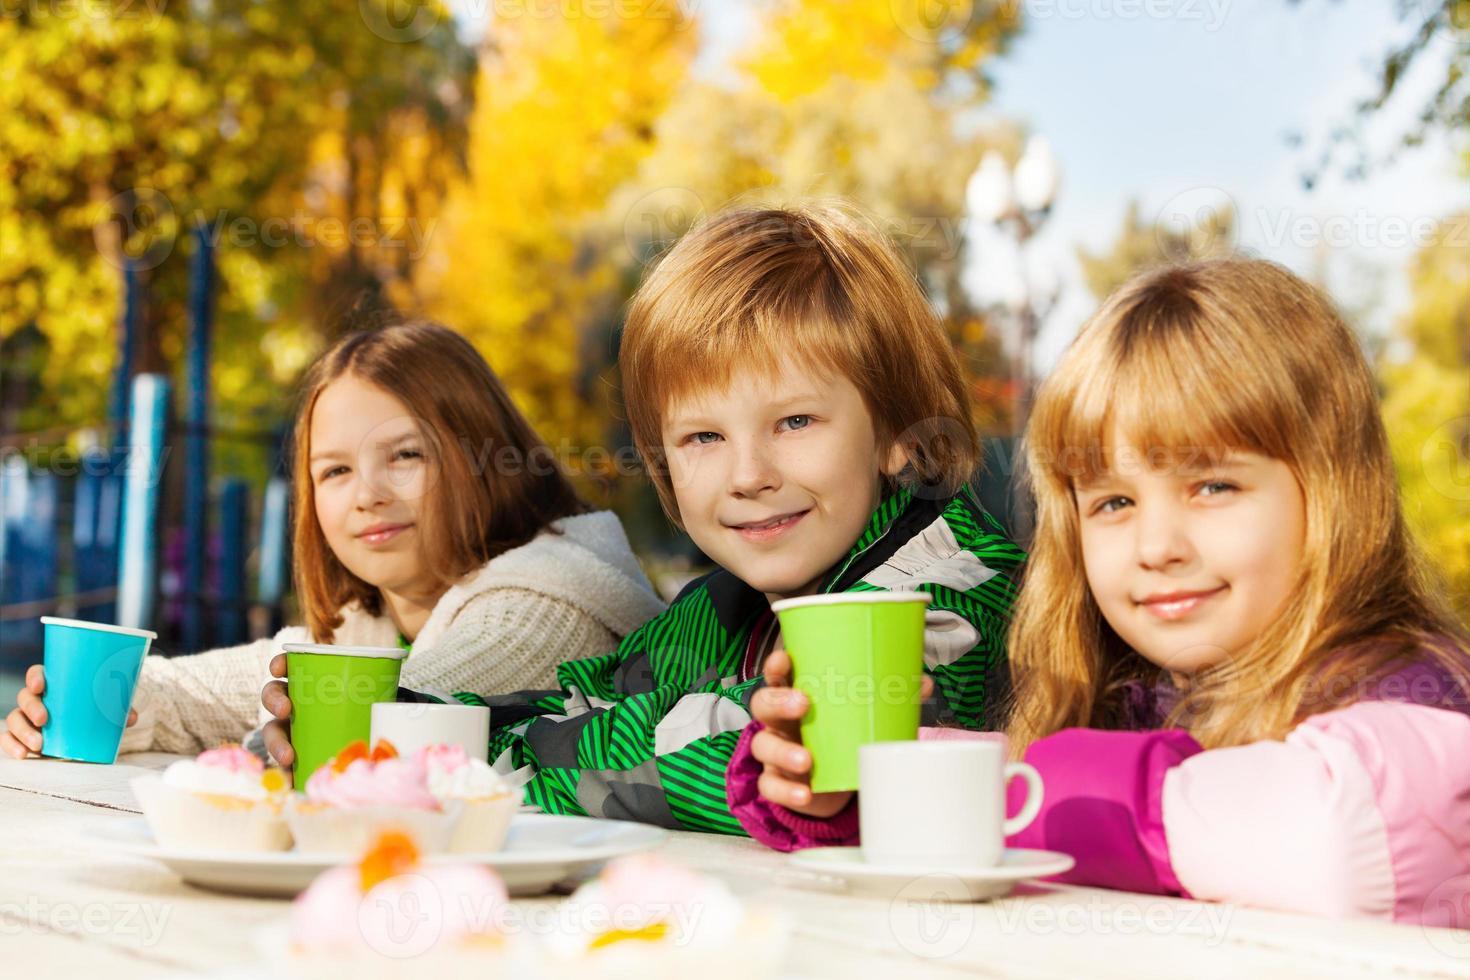 crianças felizes com xícaras de chá sentado do lado de fora foto